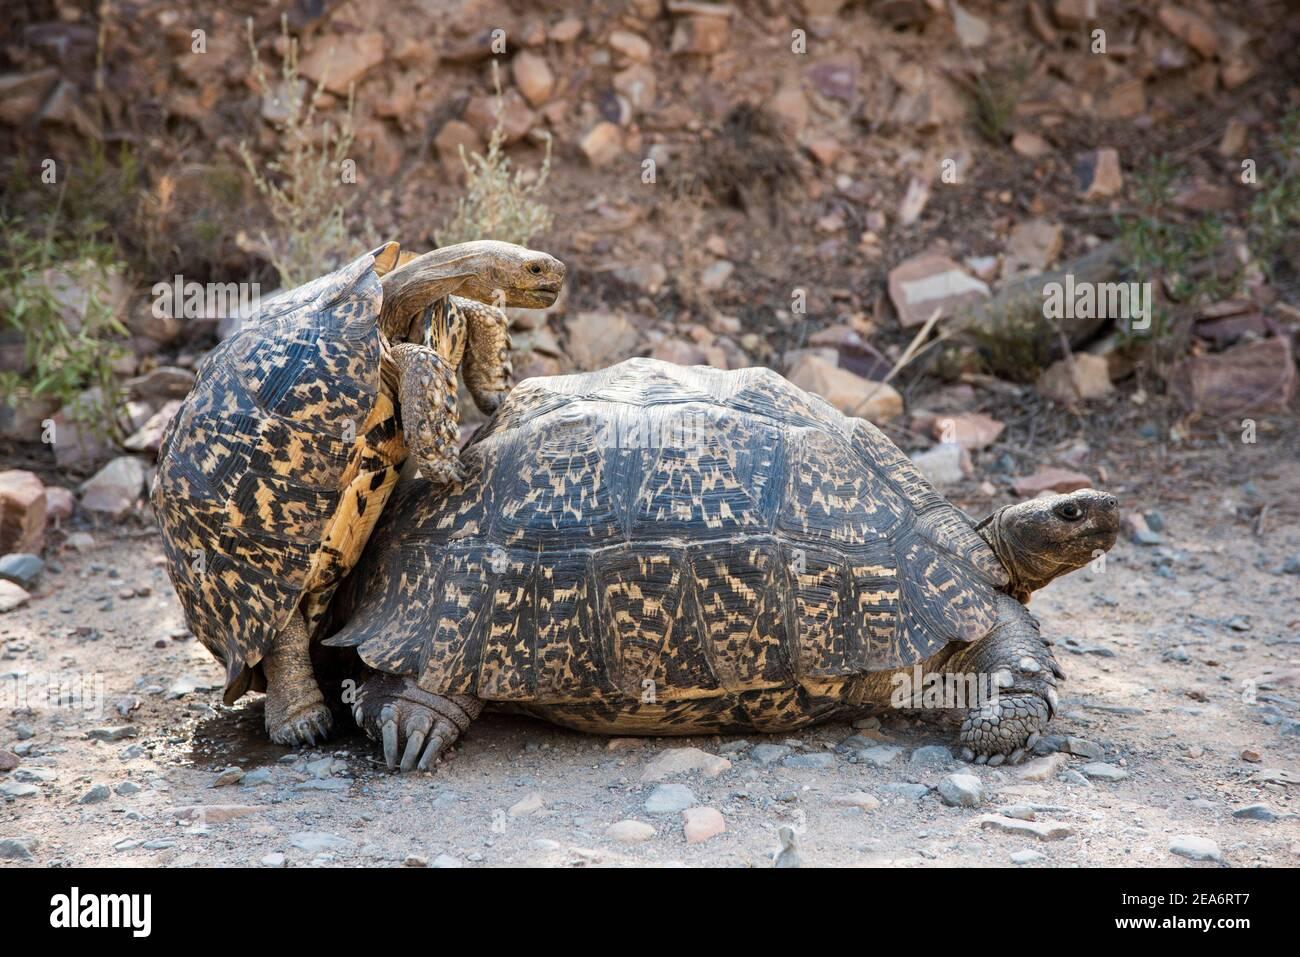 Accouplement de la tortue léopard, Geochelone pardalis, Baviaanskloof, Afrique du Sud Banque D'Images